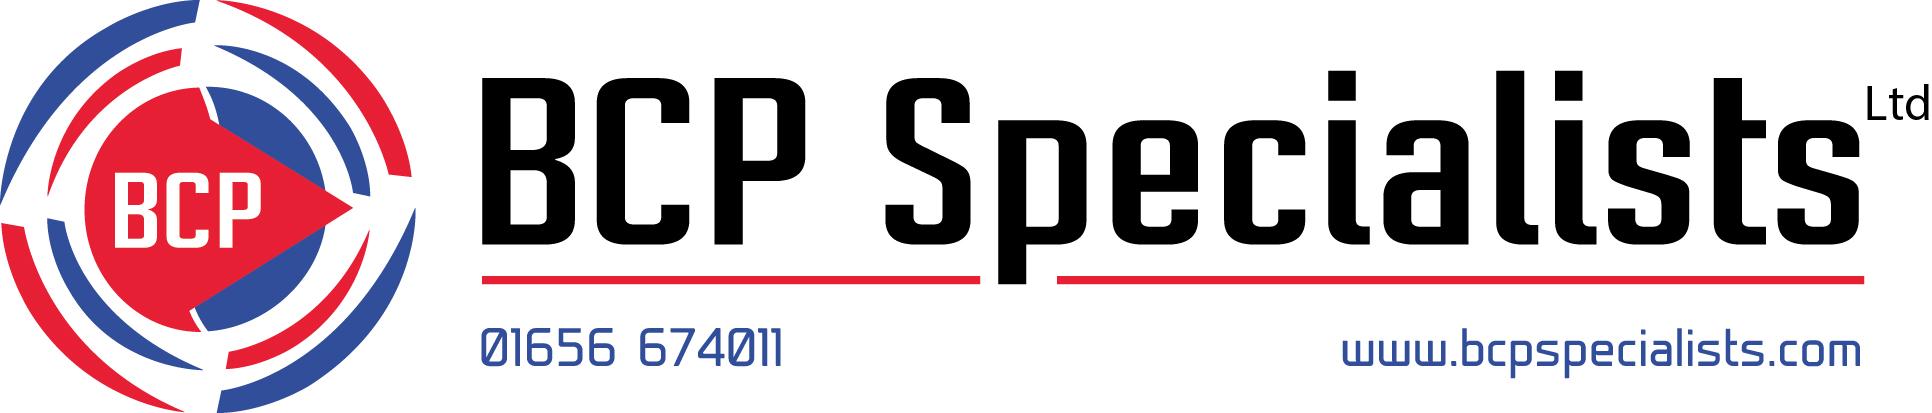 BCP Specialists Logo